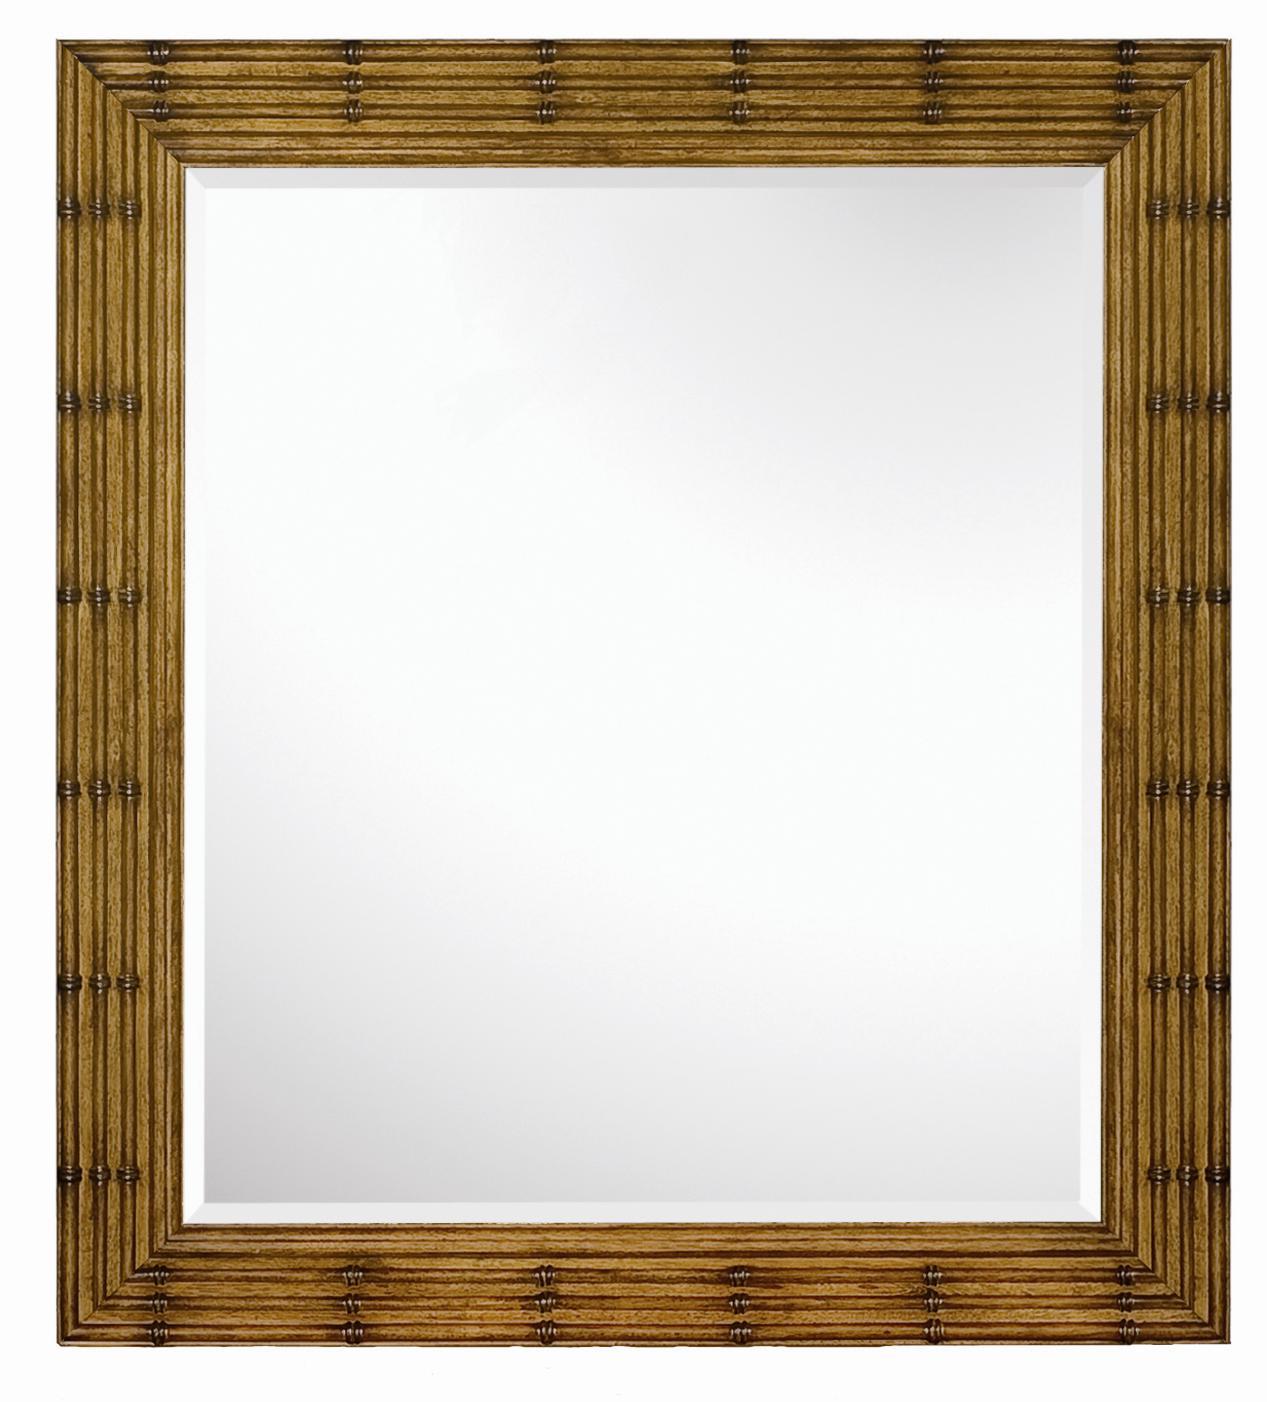 Magnussen Home Palm Bay Landscape Mirror - Item Number: B1469-40